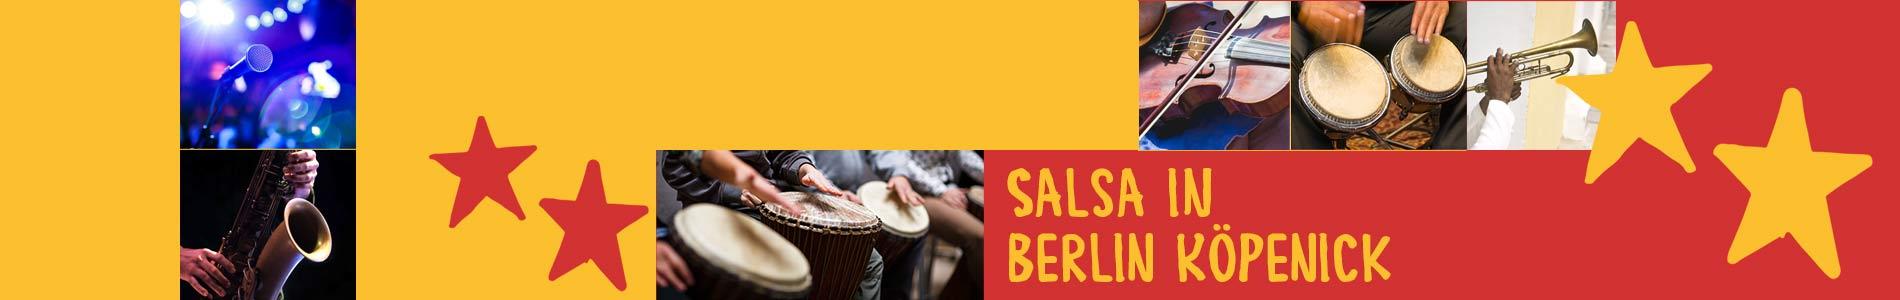 Salsa in Berlin Köpenick – Salsa lernen und tanzen, Tanzkurse, Partys, Veranstaltungen